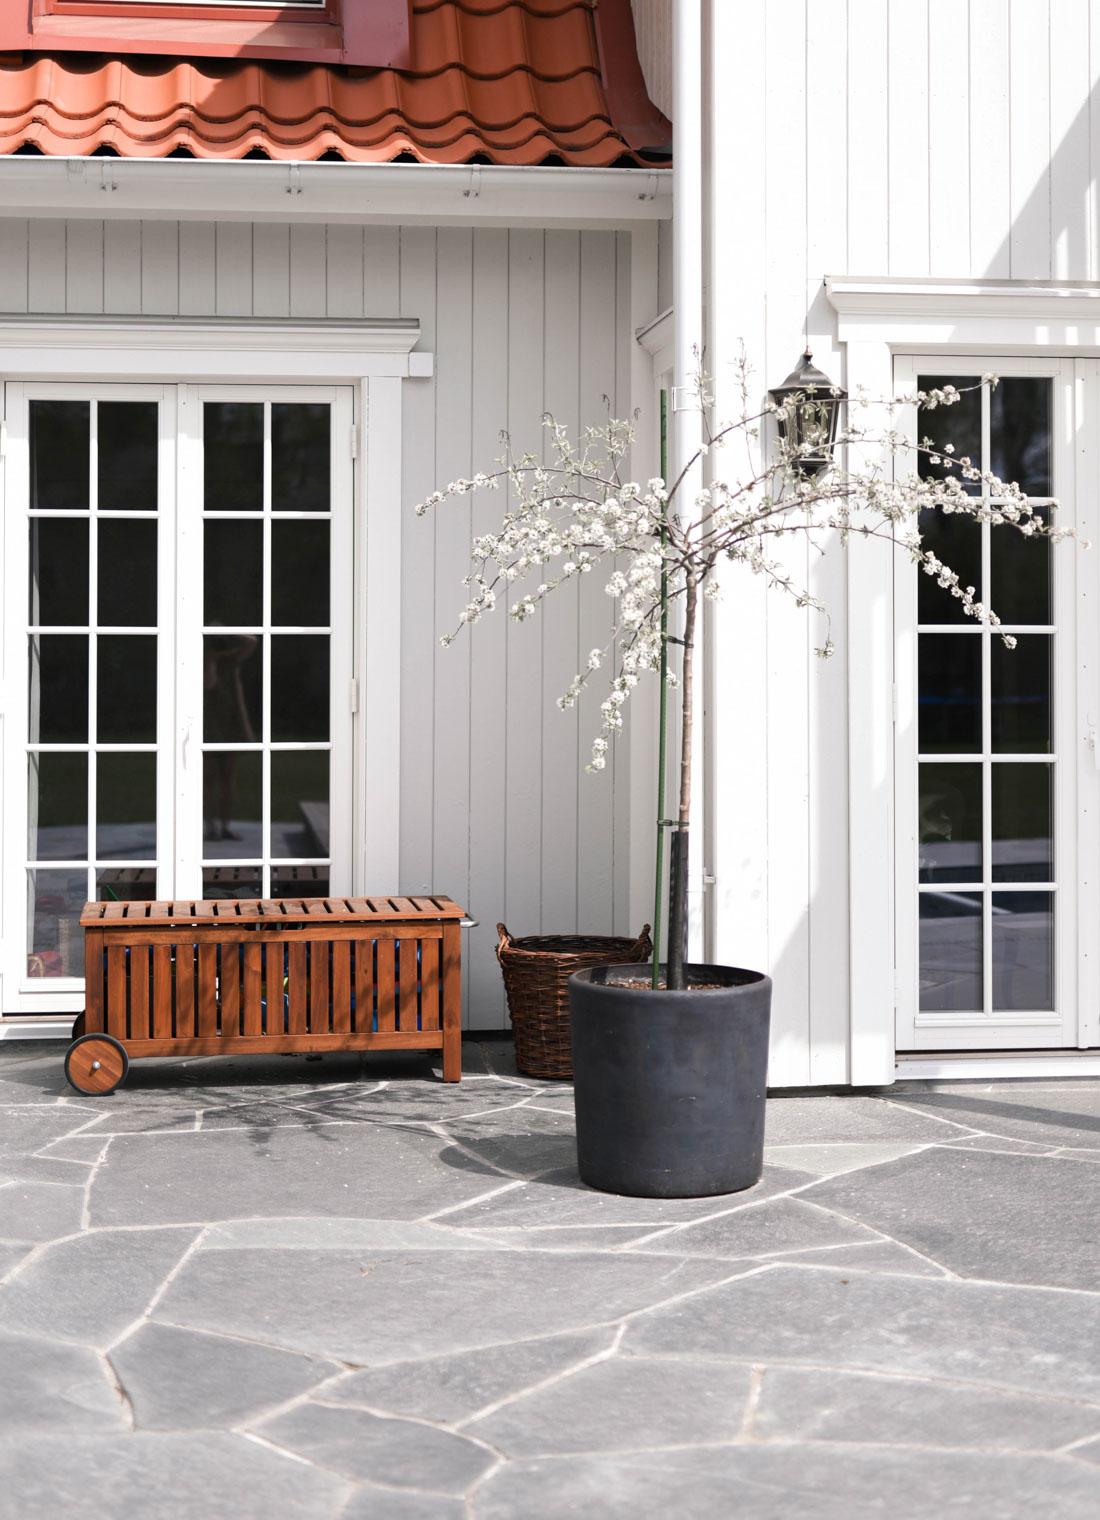 En uteplass foran et hvitt hus belagt med bruddheller av Offerdalskifer. Et vakkert tre er plantet i en krukke